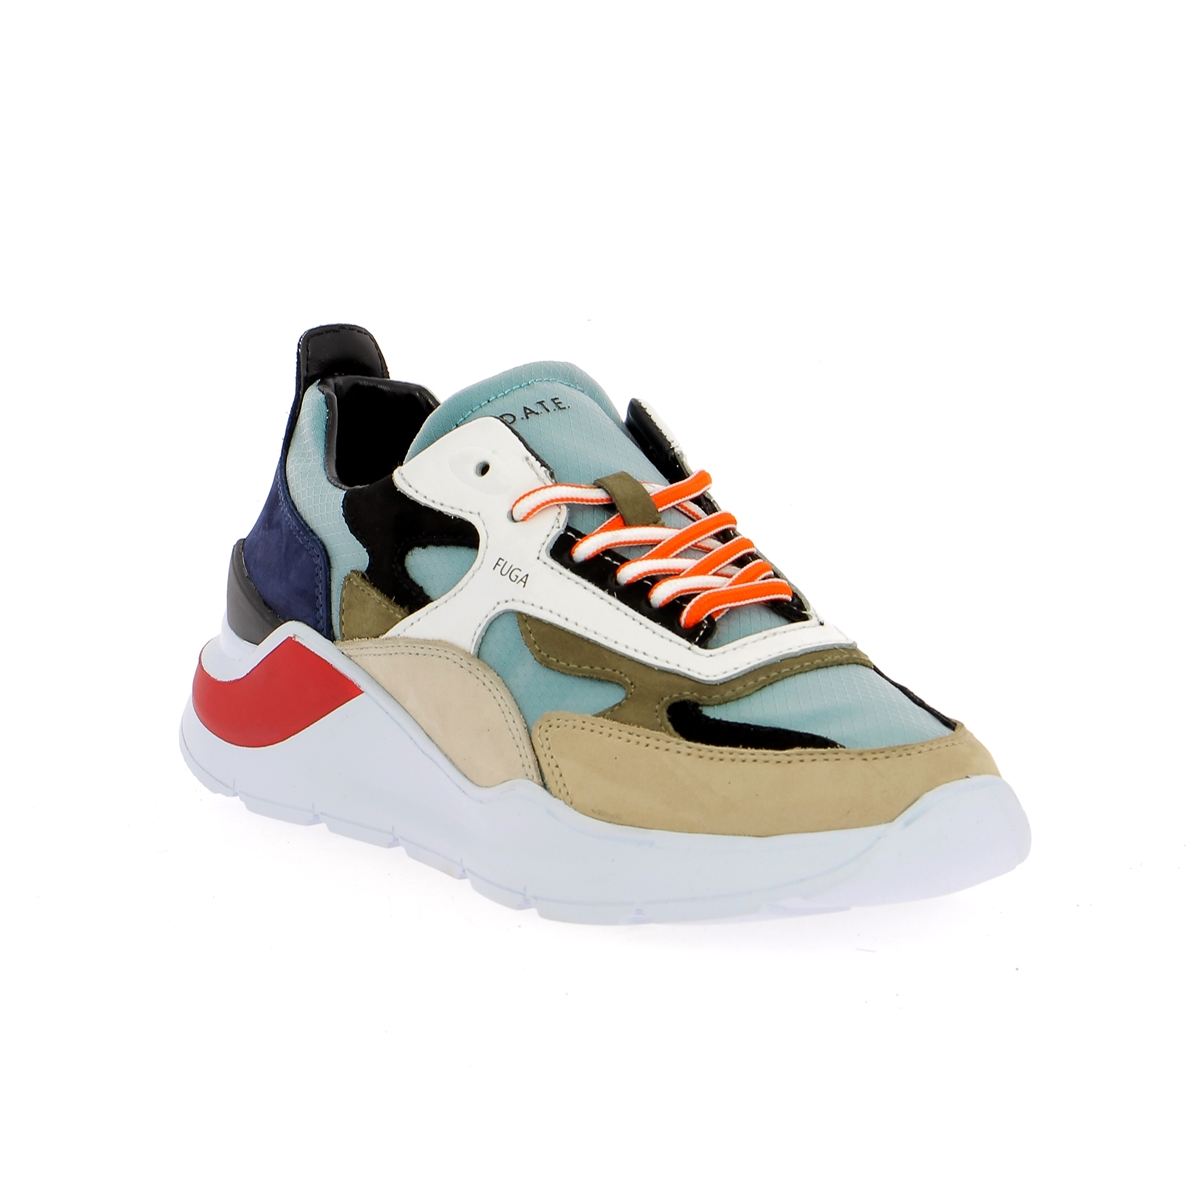 D.a.t.e. Sneakers beige